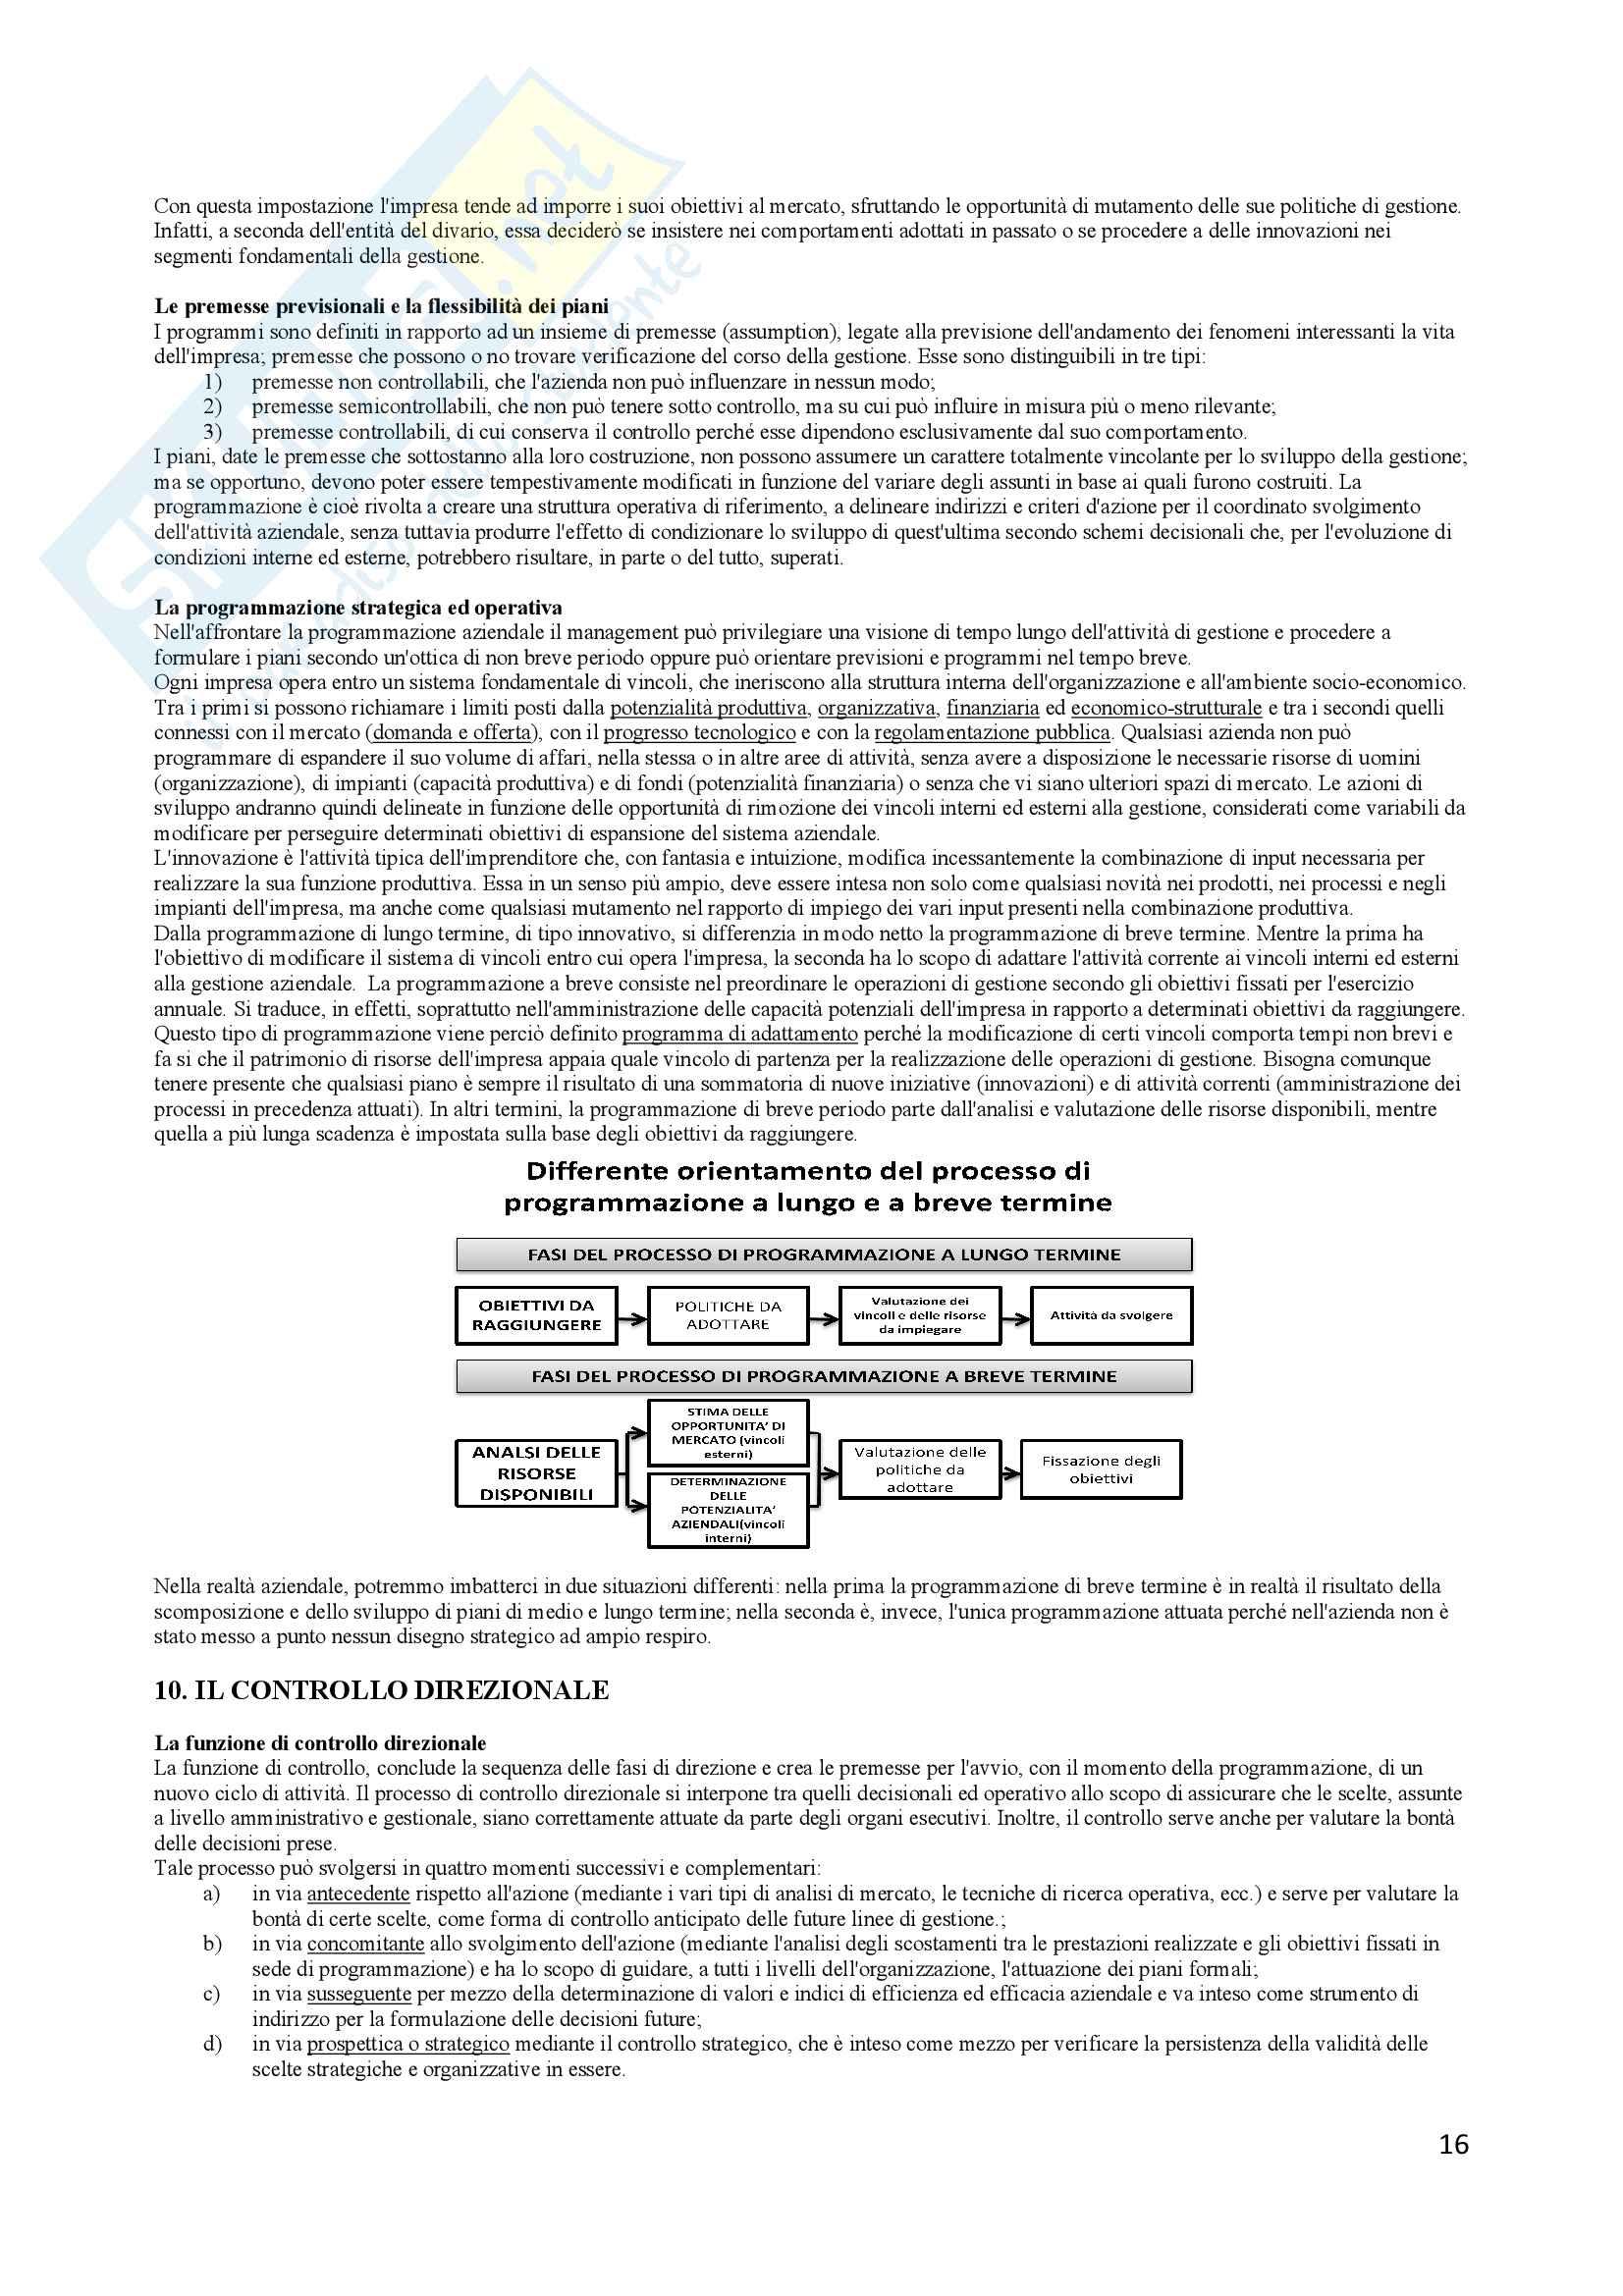 Riassunto esame Economia e gestione delle imprese, docente Vesci-Botti, libro consigliato La gestione dell impresa, Sciarelli Pag. 16